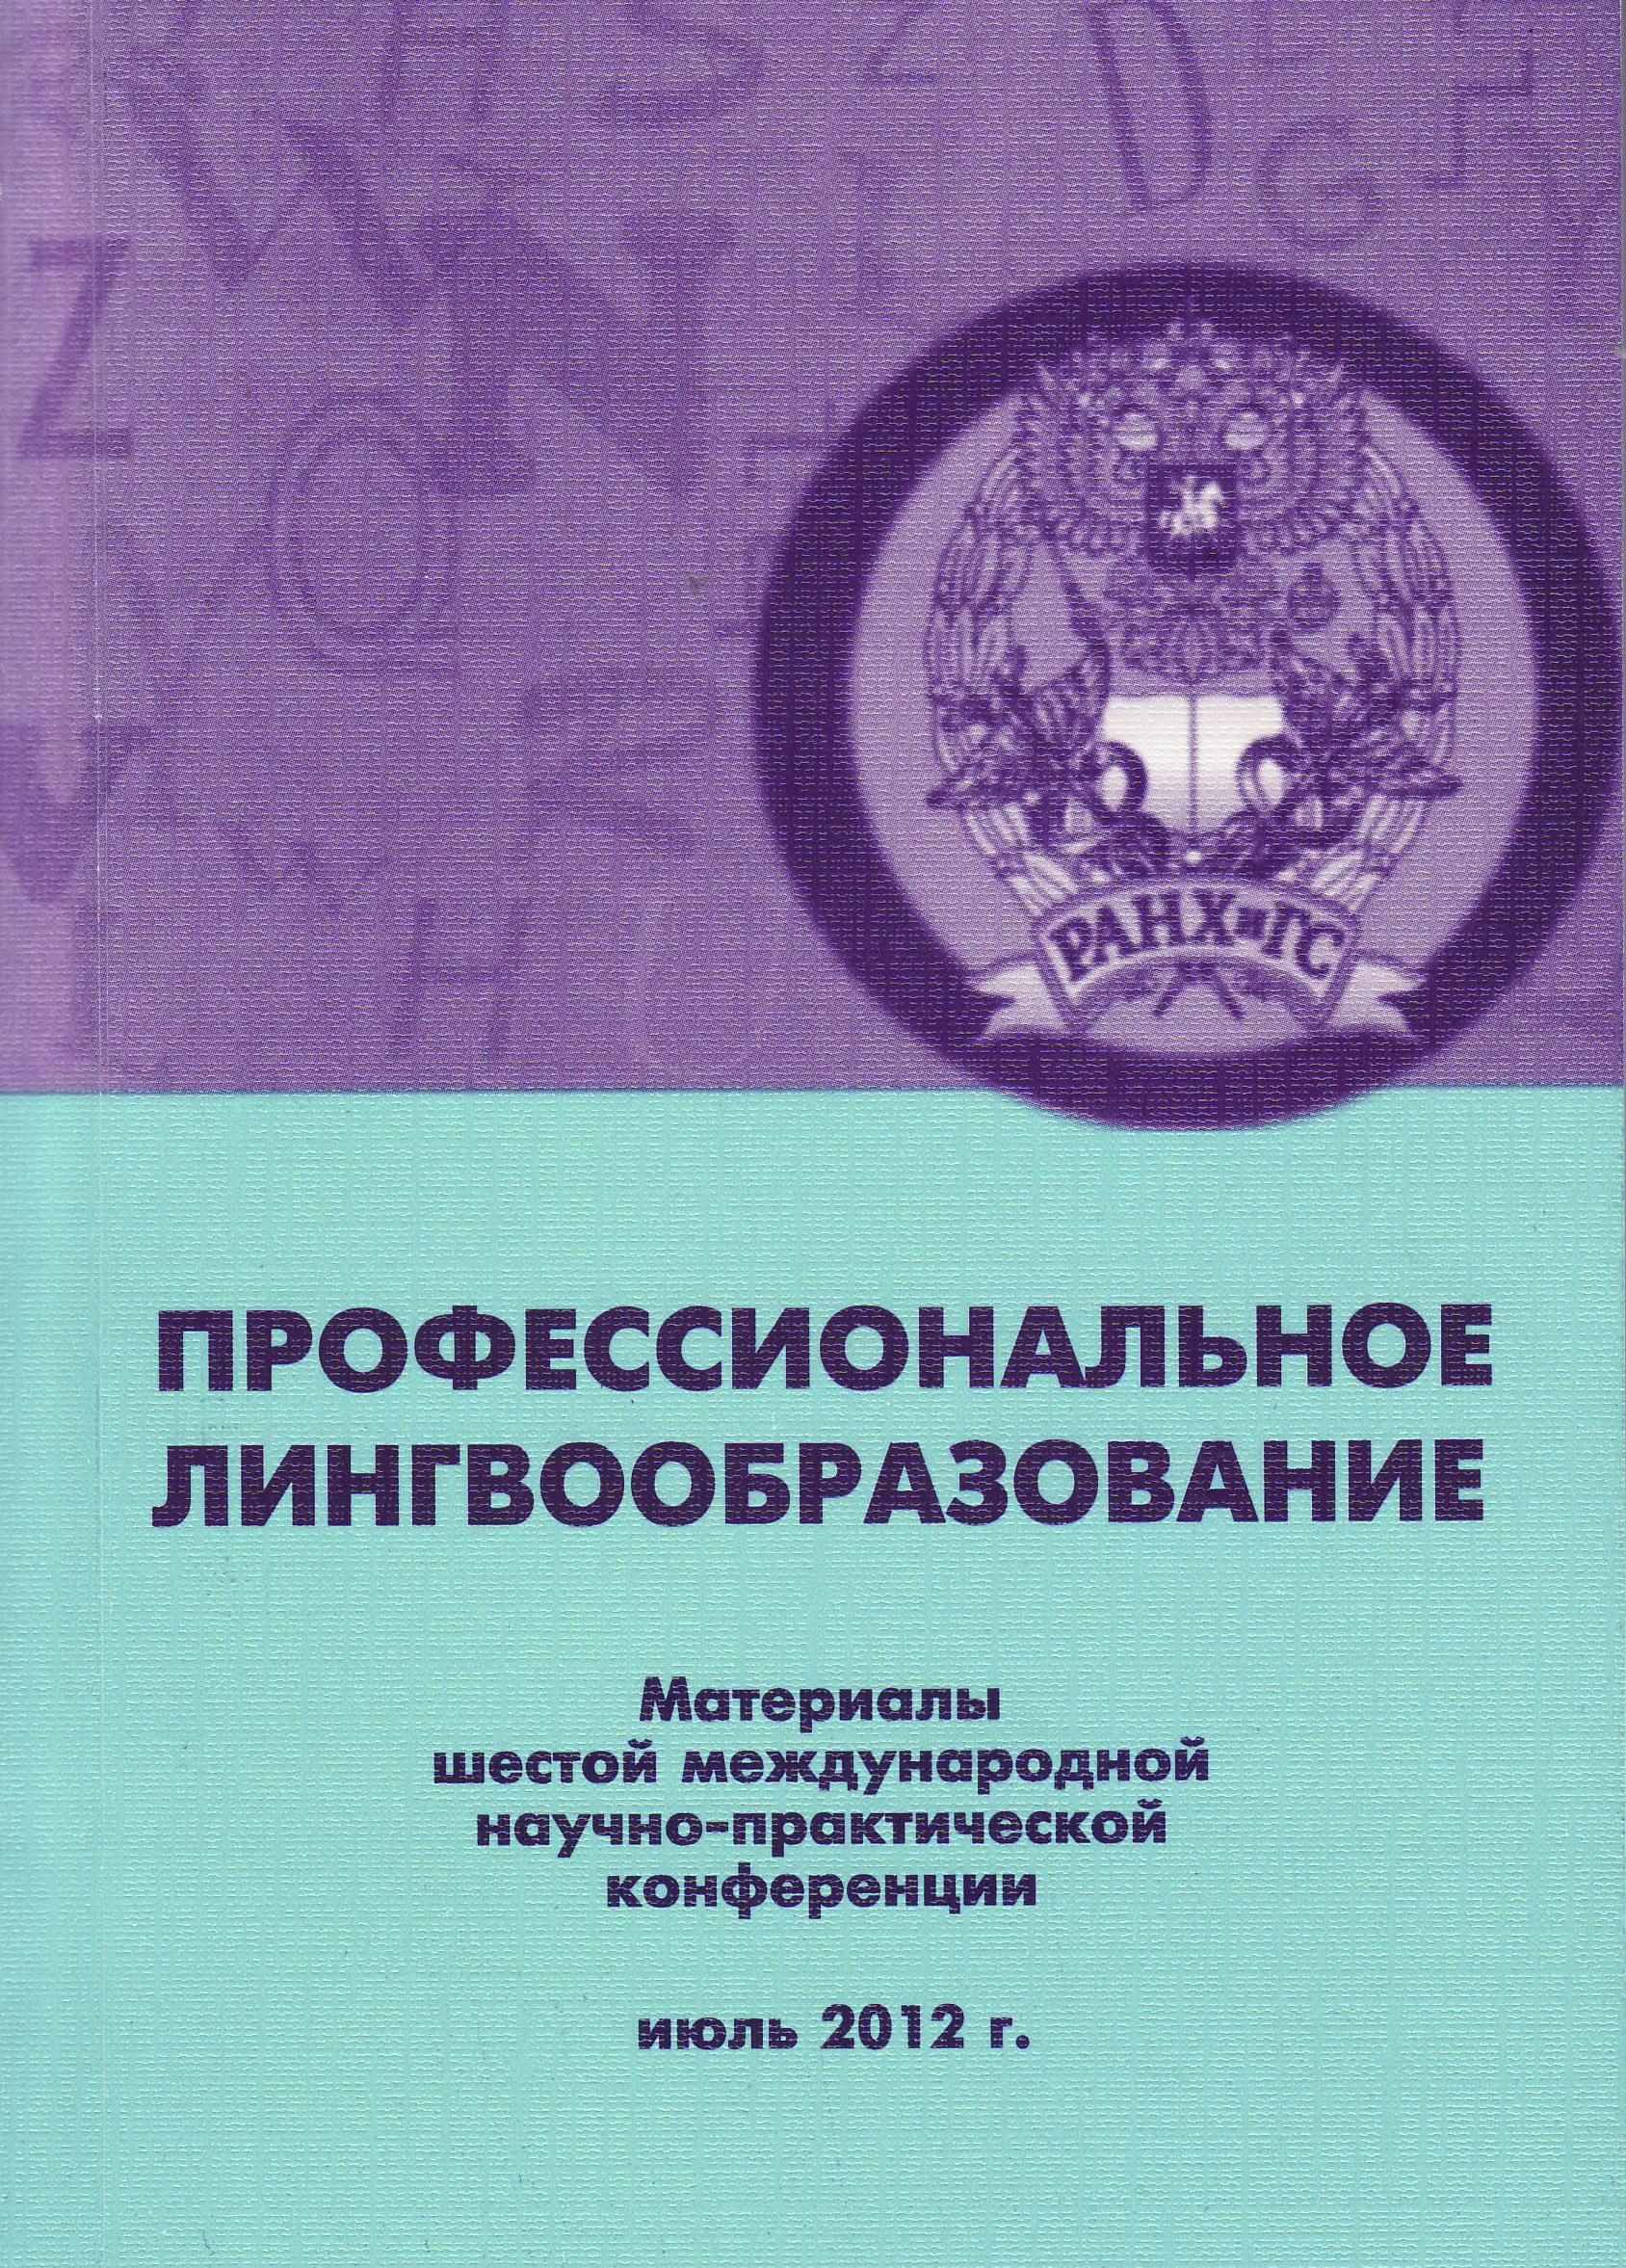 Профессиональное лингвообразование: Материалы шестой международной научно-практической конференции. Июль 2012 г.